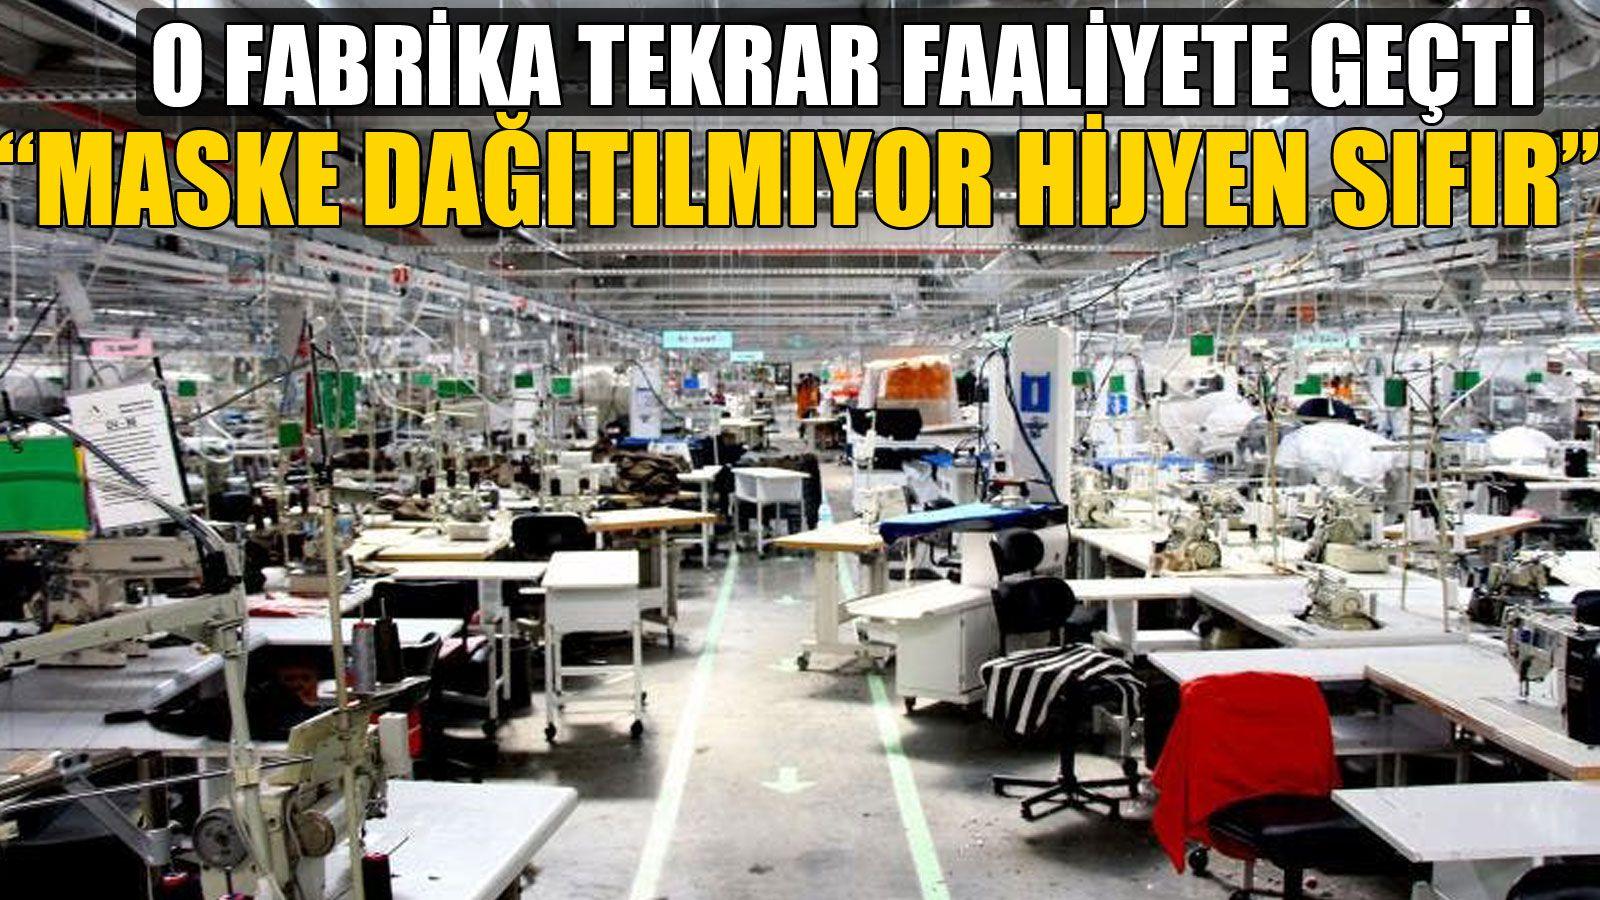 Fabrika İşçileri Tedirgin!